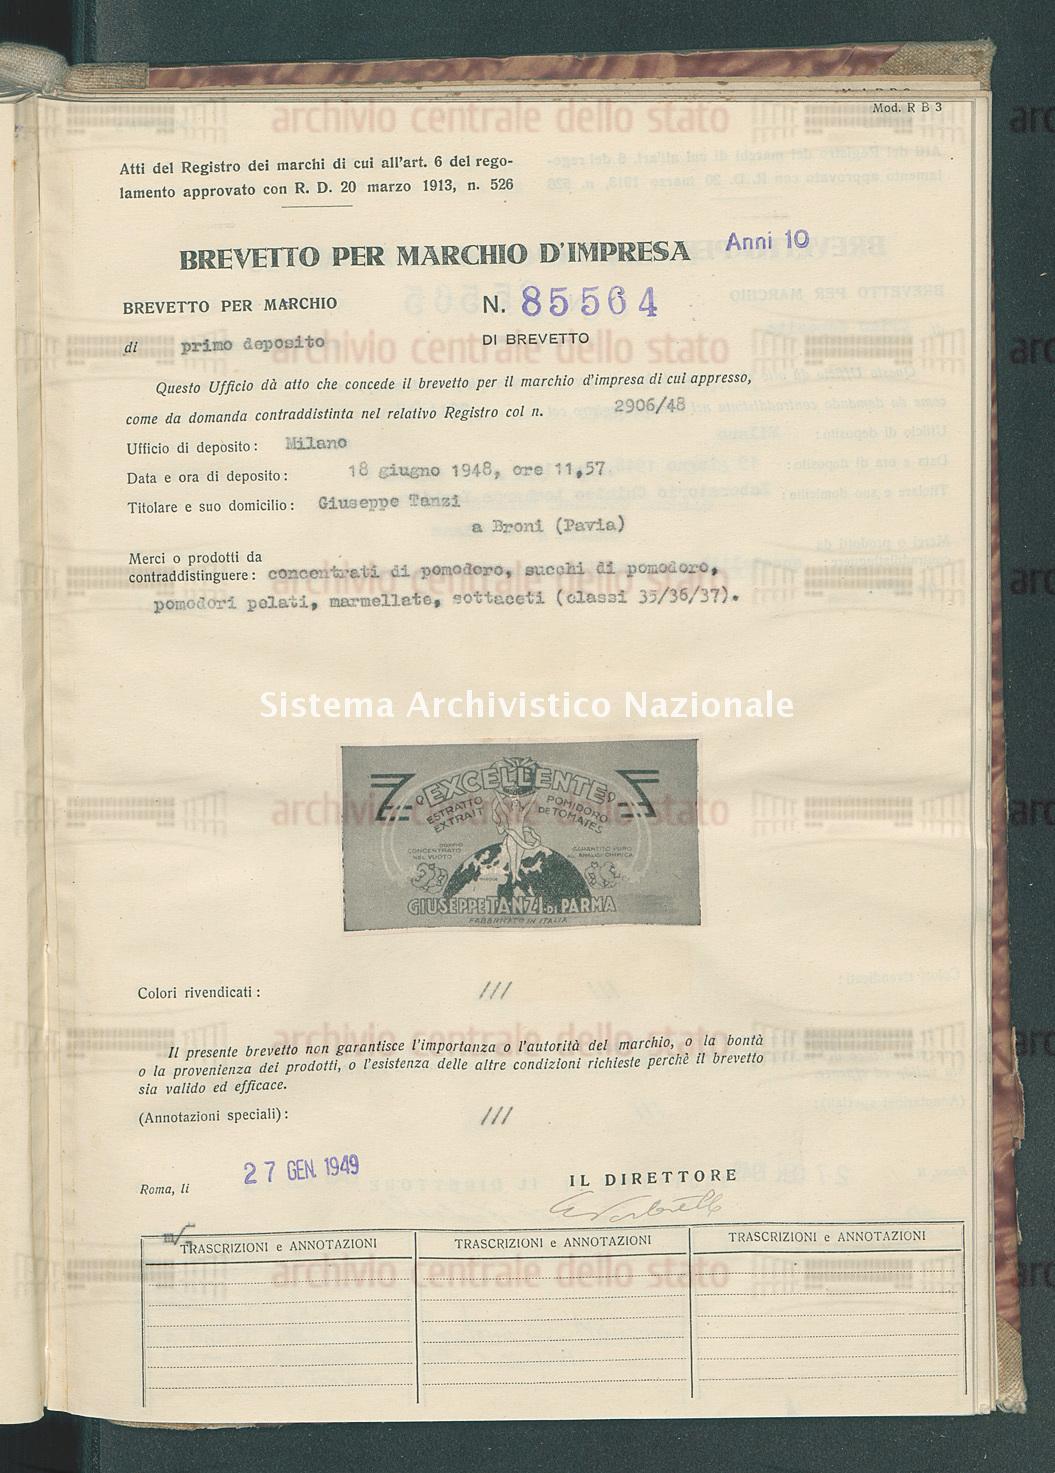 Concentrati di pomodoro, succhi di pomodoro, pomodori pelati, marmella Giuseppe Tansi (27/01/1949)